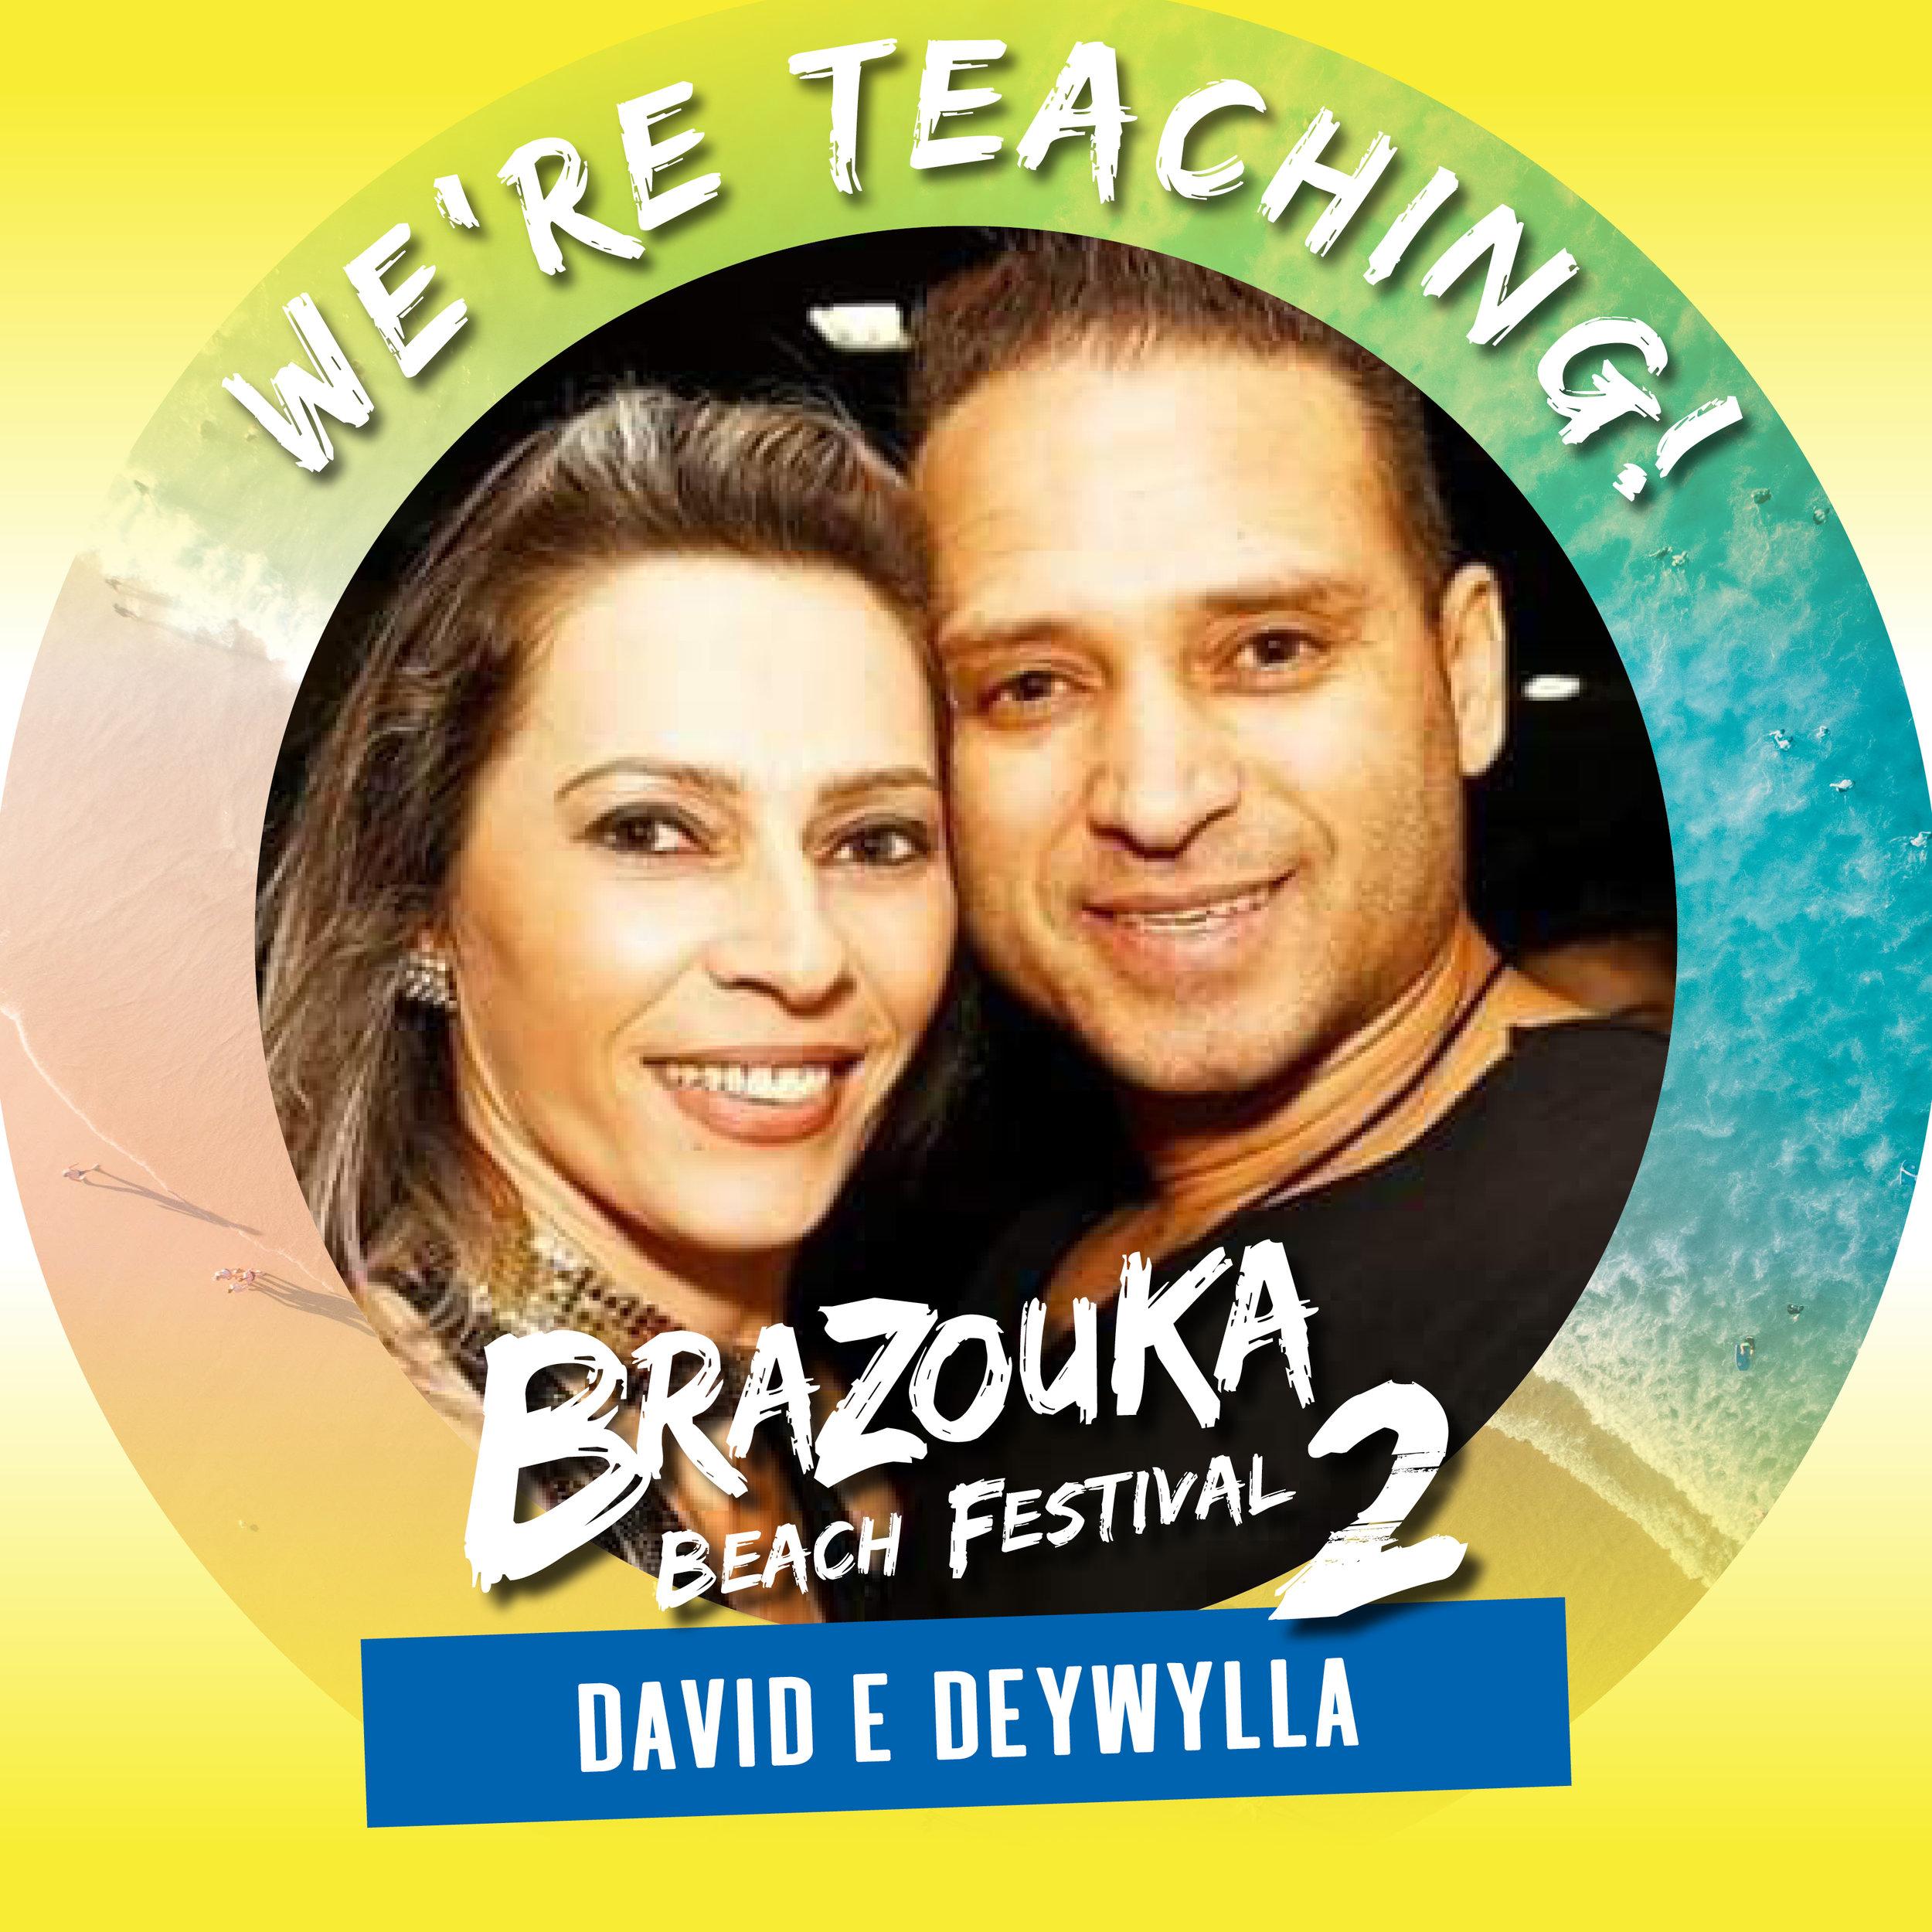 David & Deywylla